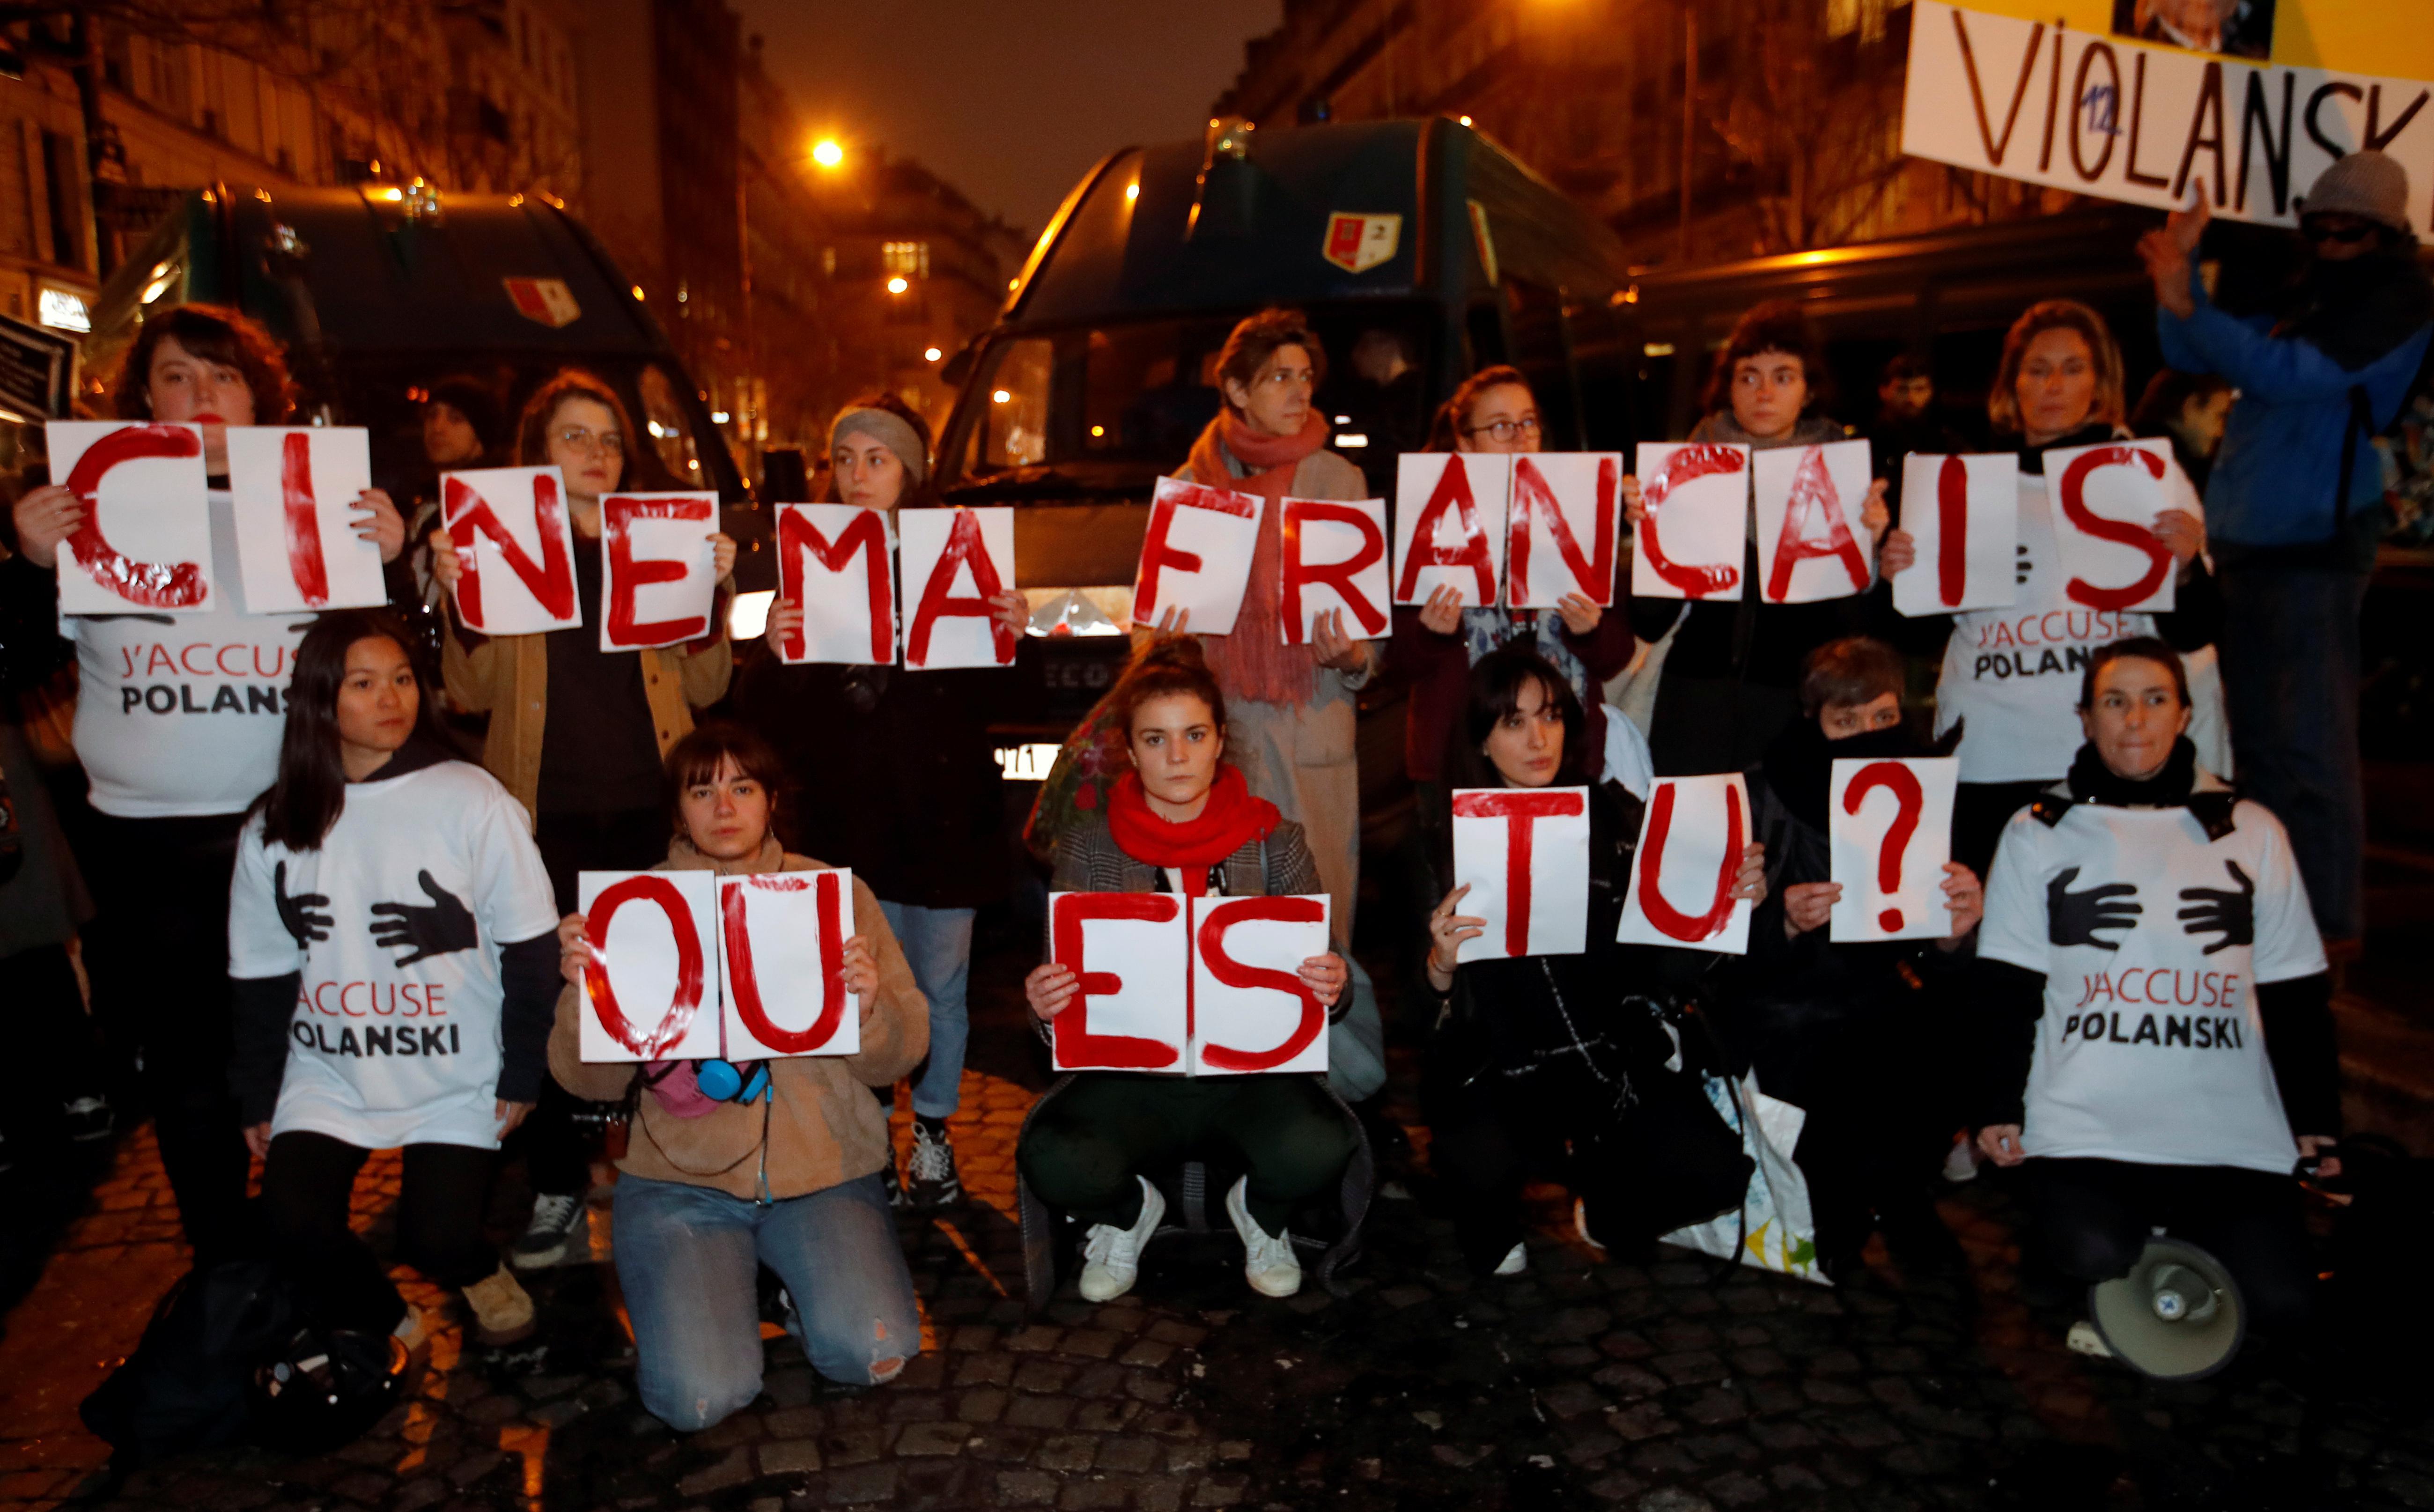 Les accusations de viol de Polanski éclipsent la cérémonie de remise du prix du cinéma français